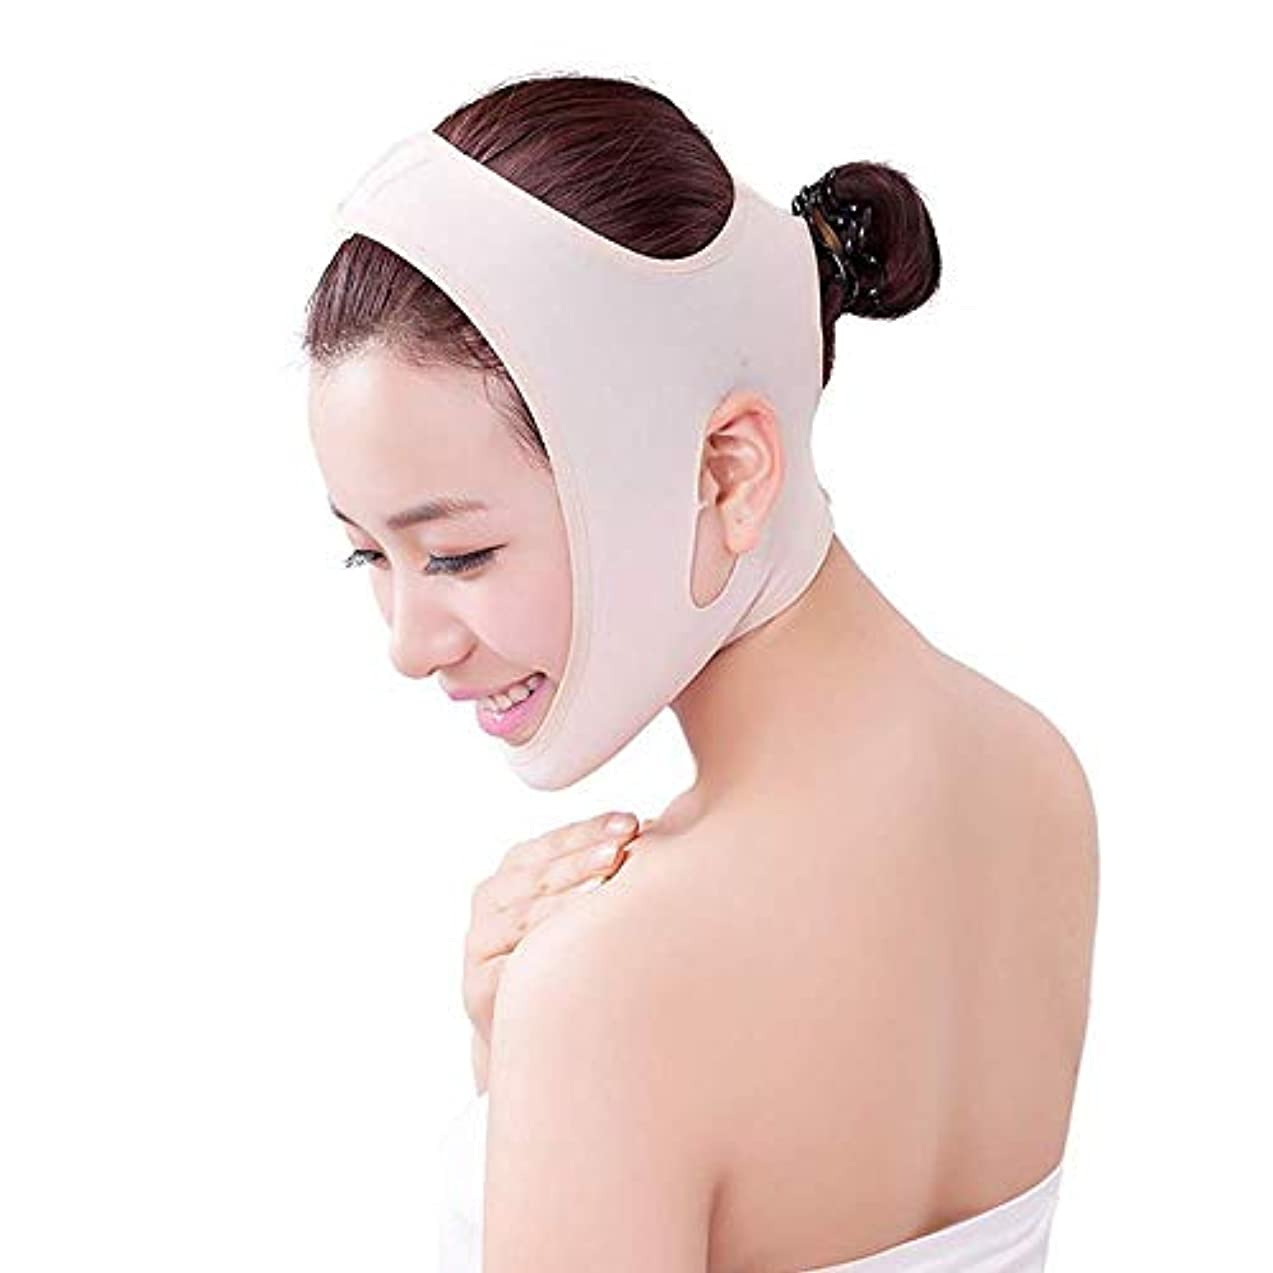 薄型フェイスベルト - 男性用および女性用の包帯をフランスの顔用リフティングマスク器具に引き締める薄型フェイスVフェイス薄型ダブルチンフェイスリフティングベルト(サイズ:M),XS